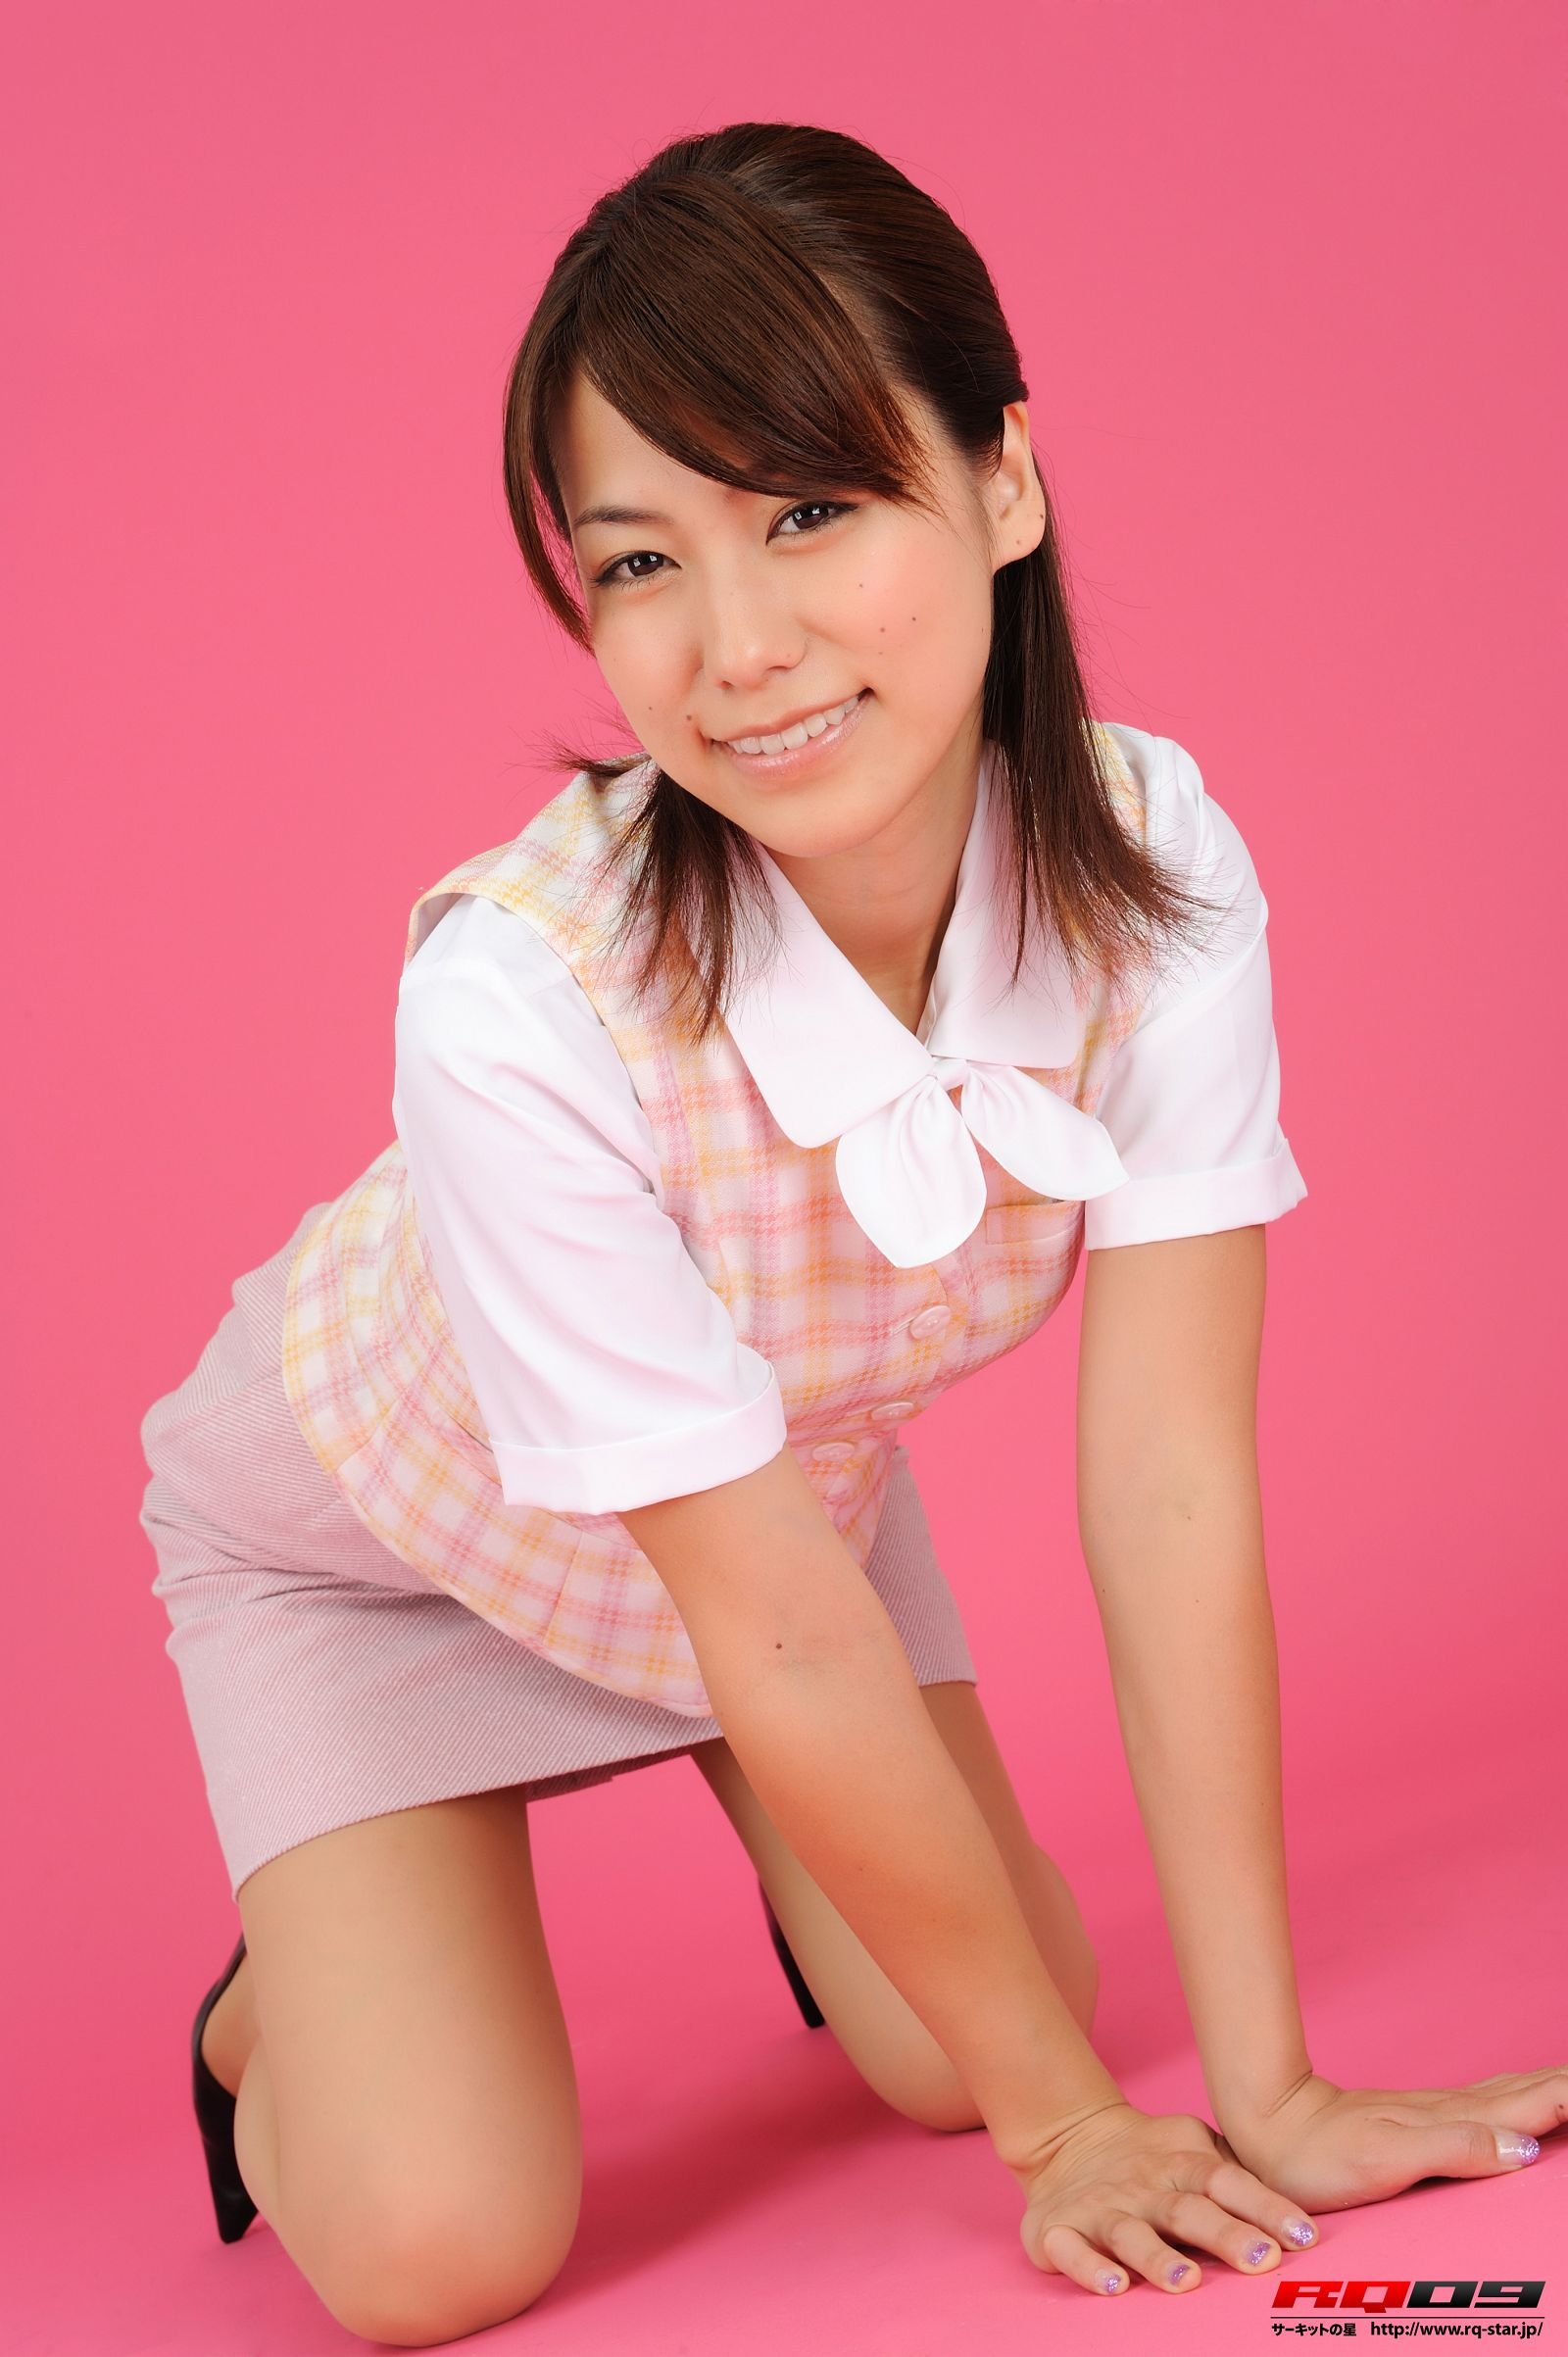 [RQ-STAR美女] NO.0178 Misato Kashiwagi 柏木美里 Office Lady3